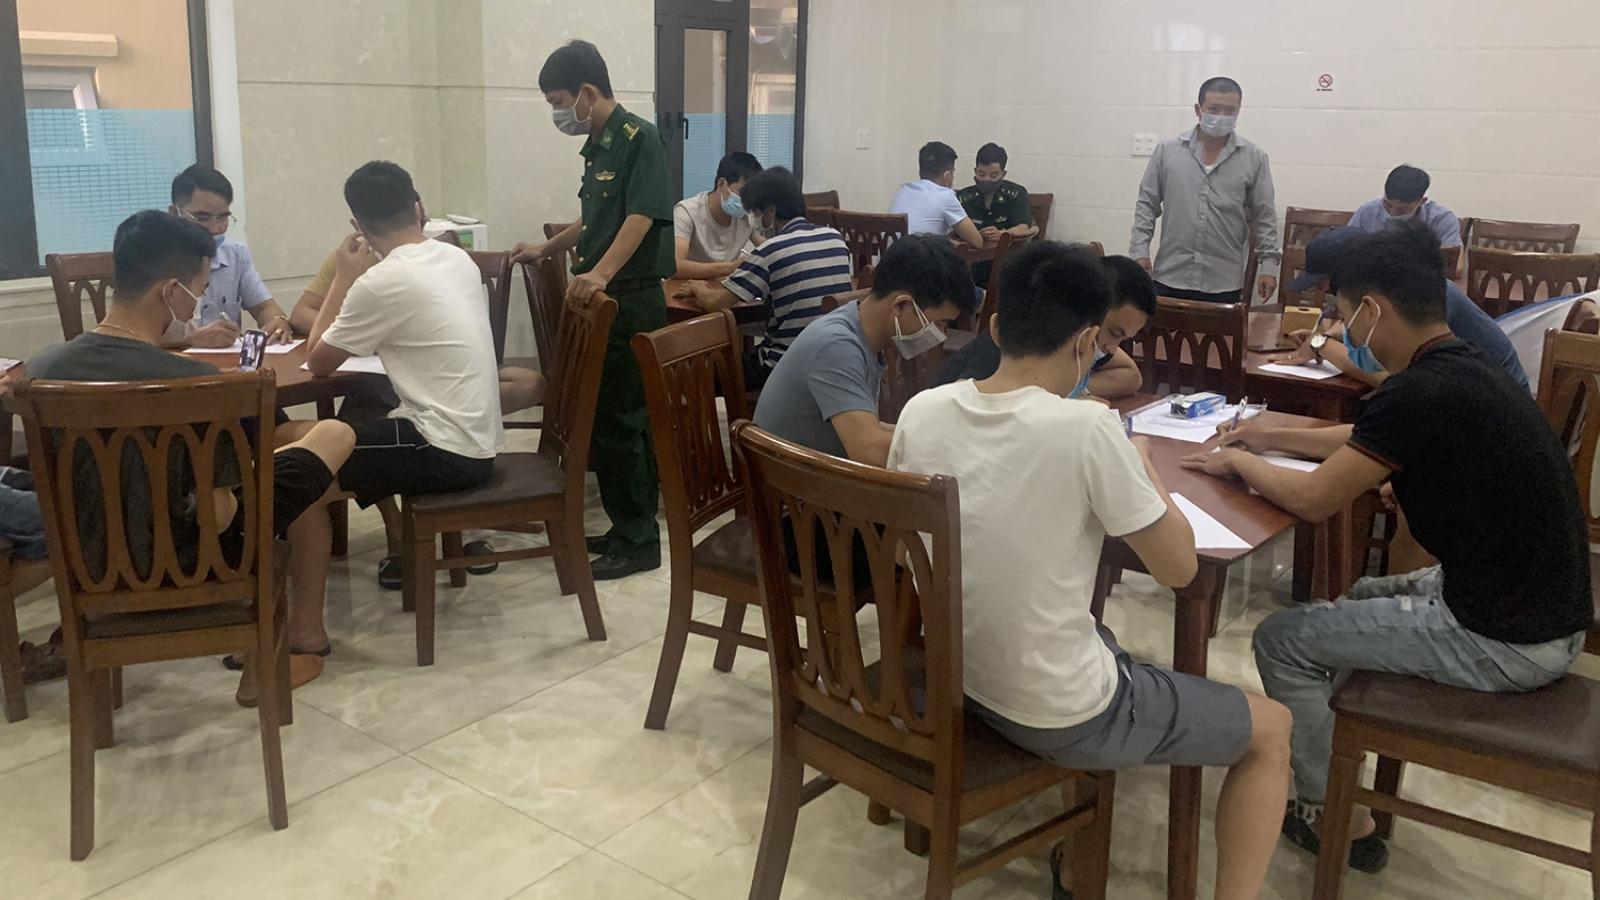 Khởi tố vụ án lừa đảo hơn 160 người đi Hàn Quốc tại Đà Nẵng